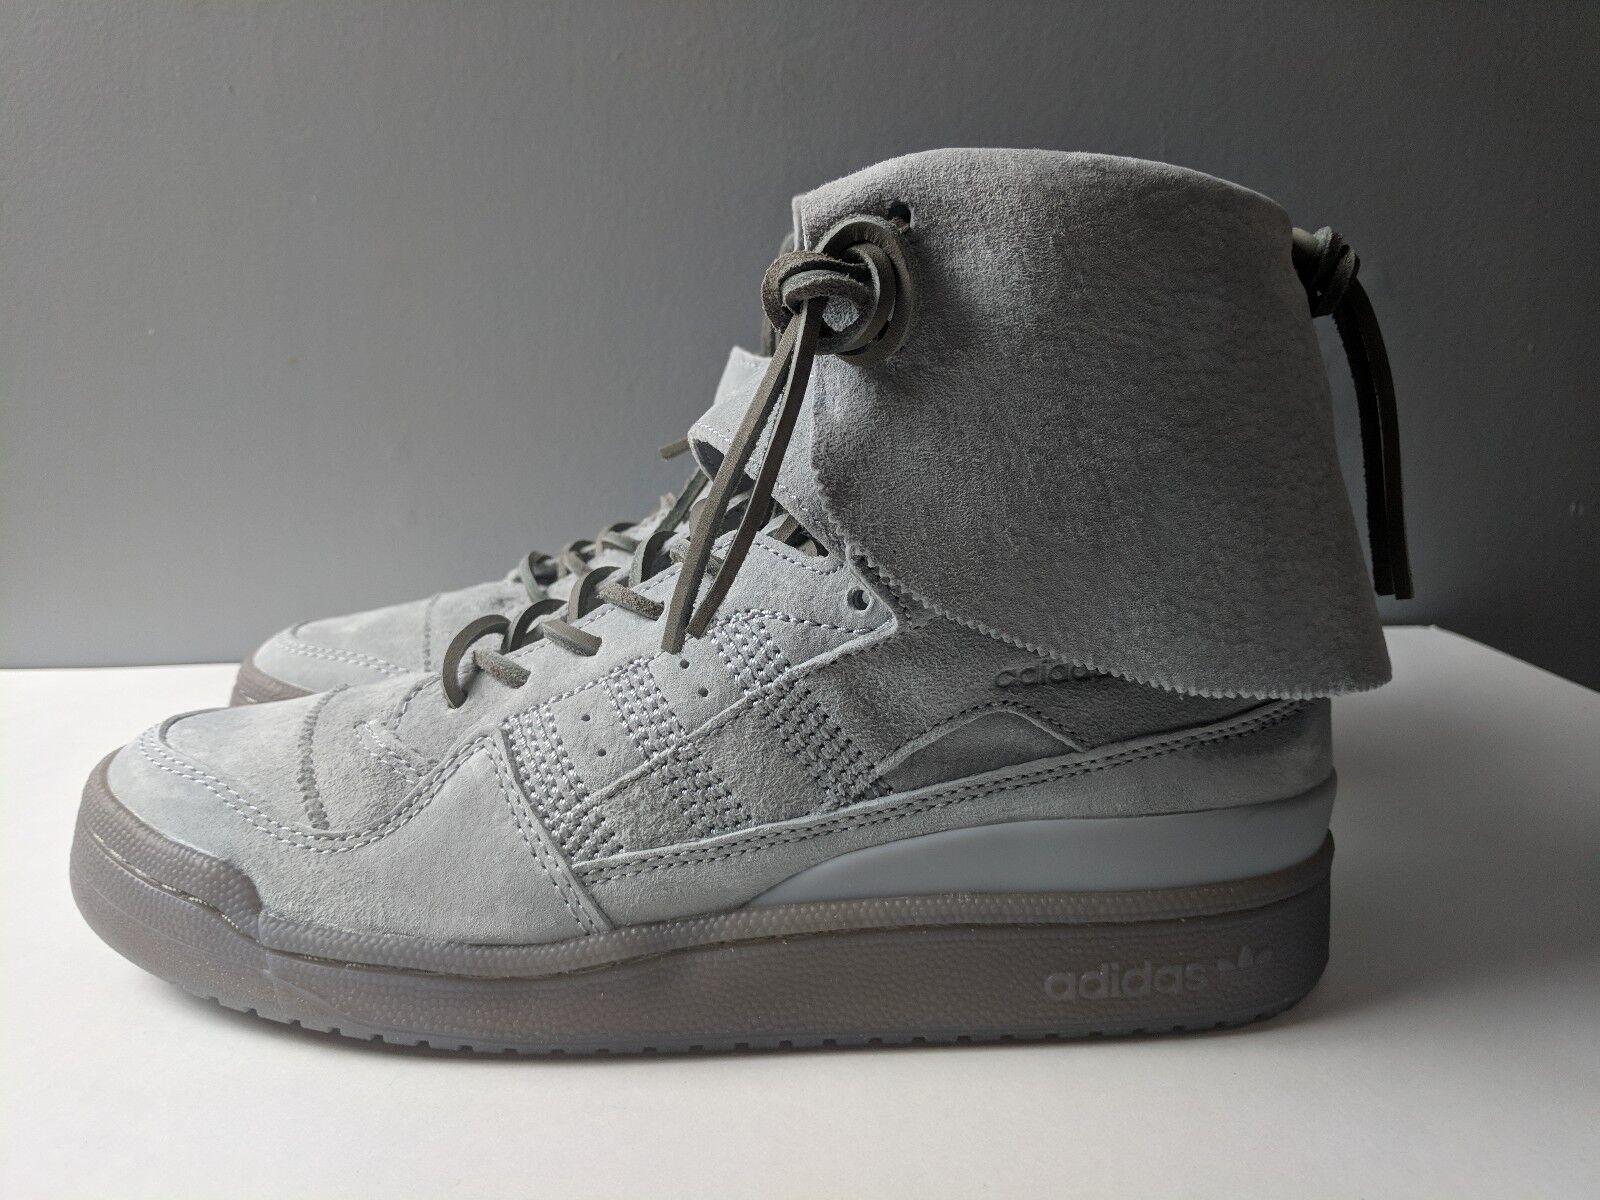 Adidas originals forum hi moc stein clay grauen gummi - größe größe - 9. 8f5827